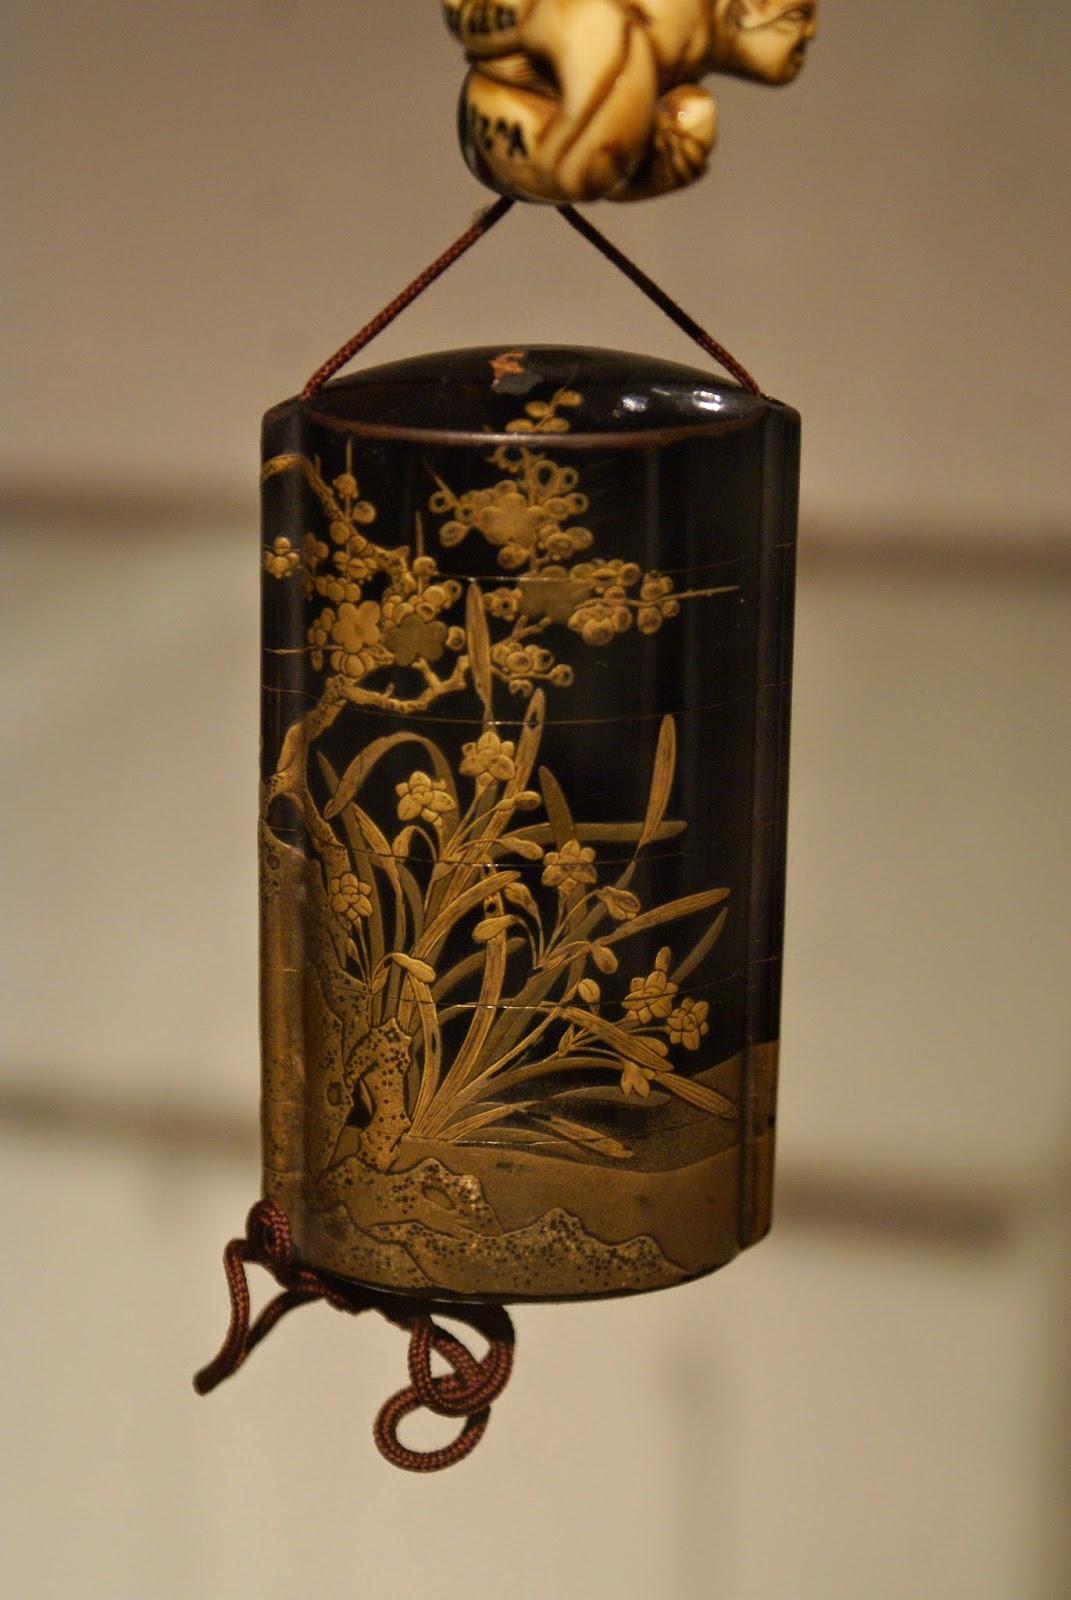 Musée des arts asiatiques prague